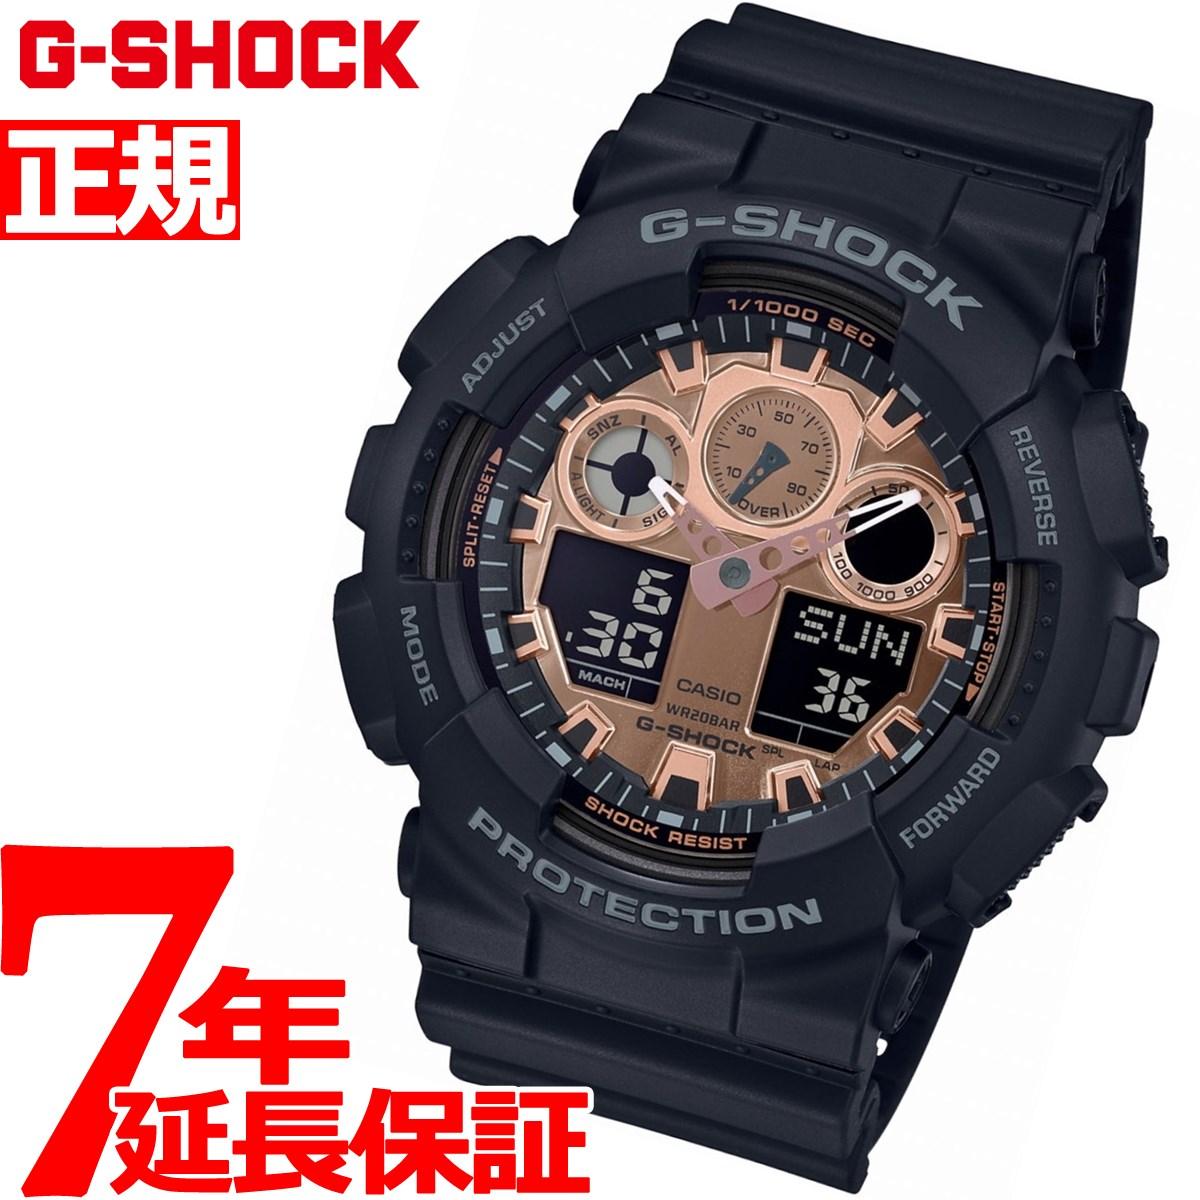 【本日20時~お得!最大ポイント28倍!さらに最大1万円OFFクーポン配布!】G-SHOCK アナデジ メンズ 腕時計 BLACK & ROSE GOLD CASIO GA-100MMC-1AJF【2019 新作】